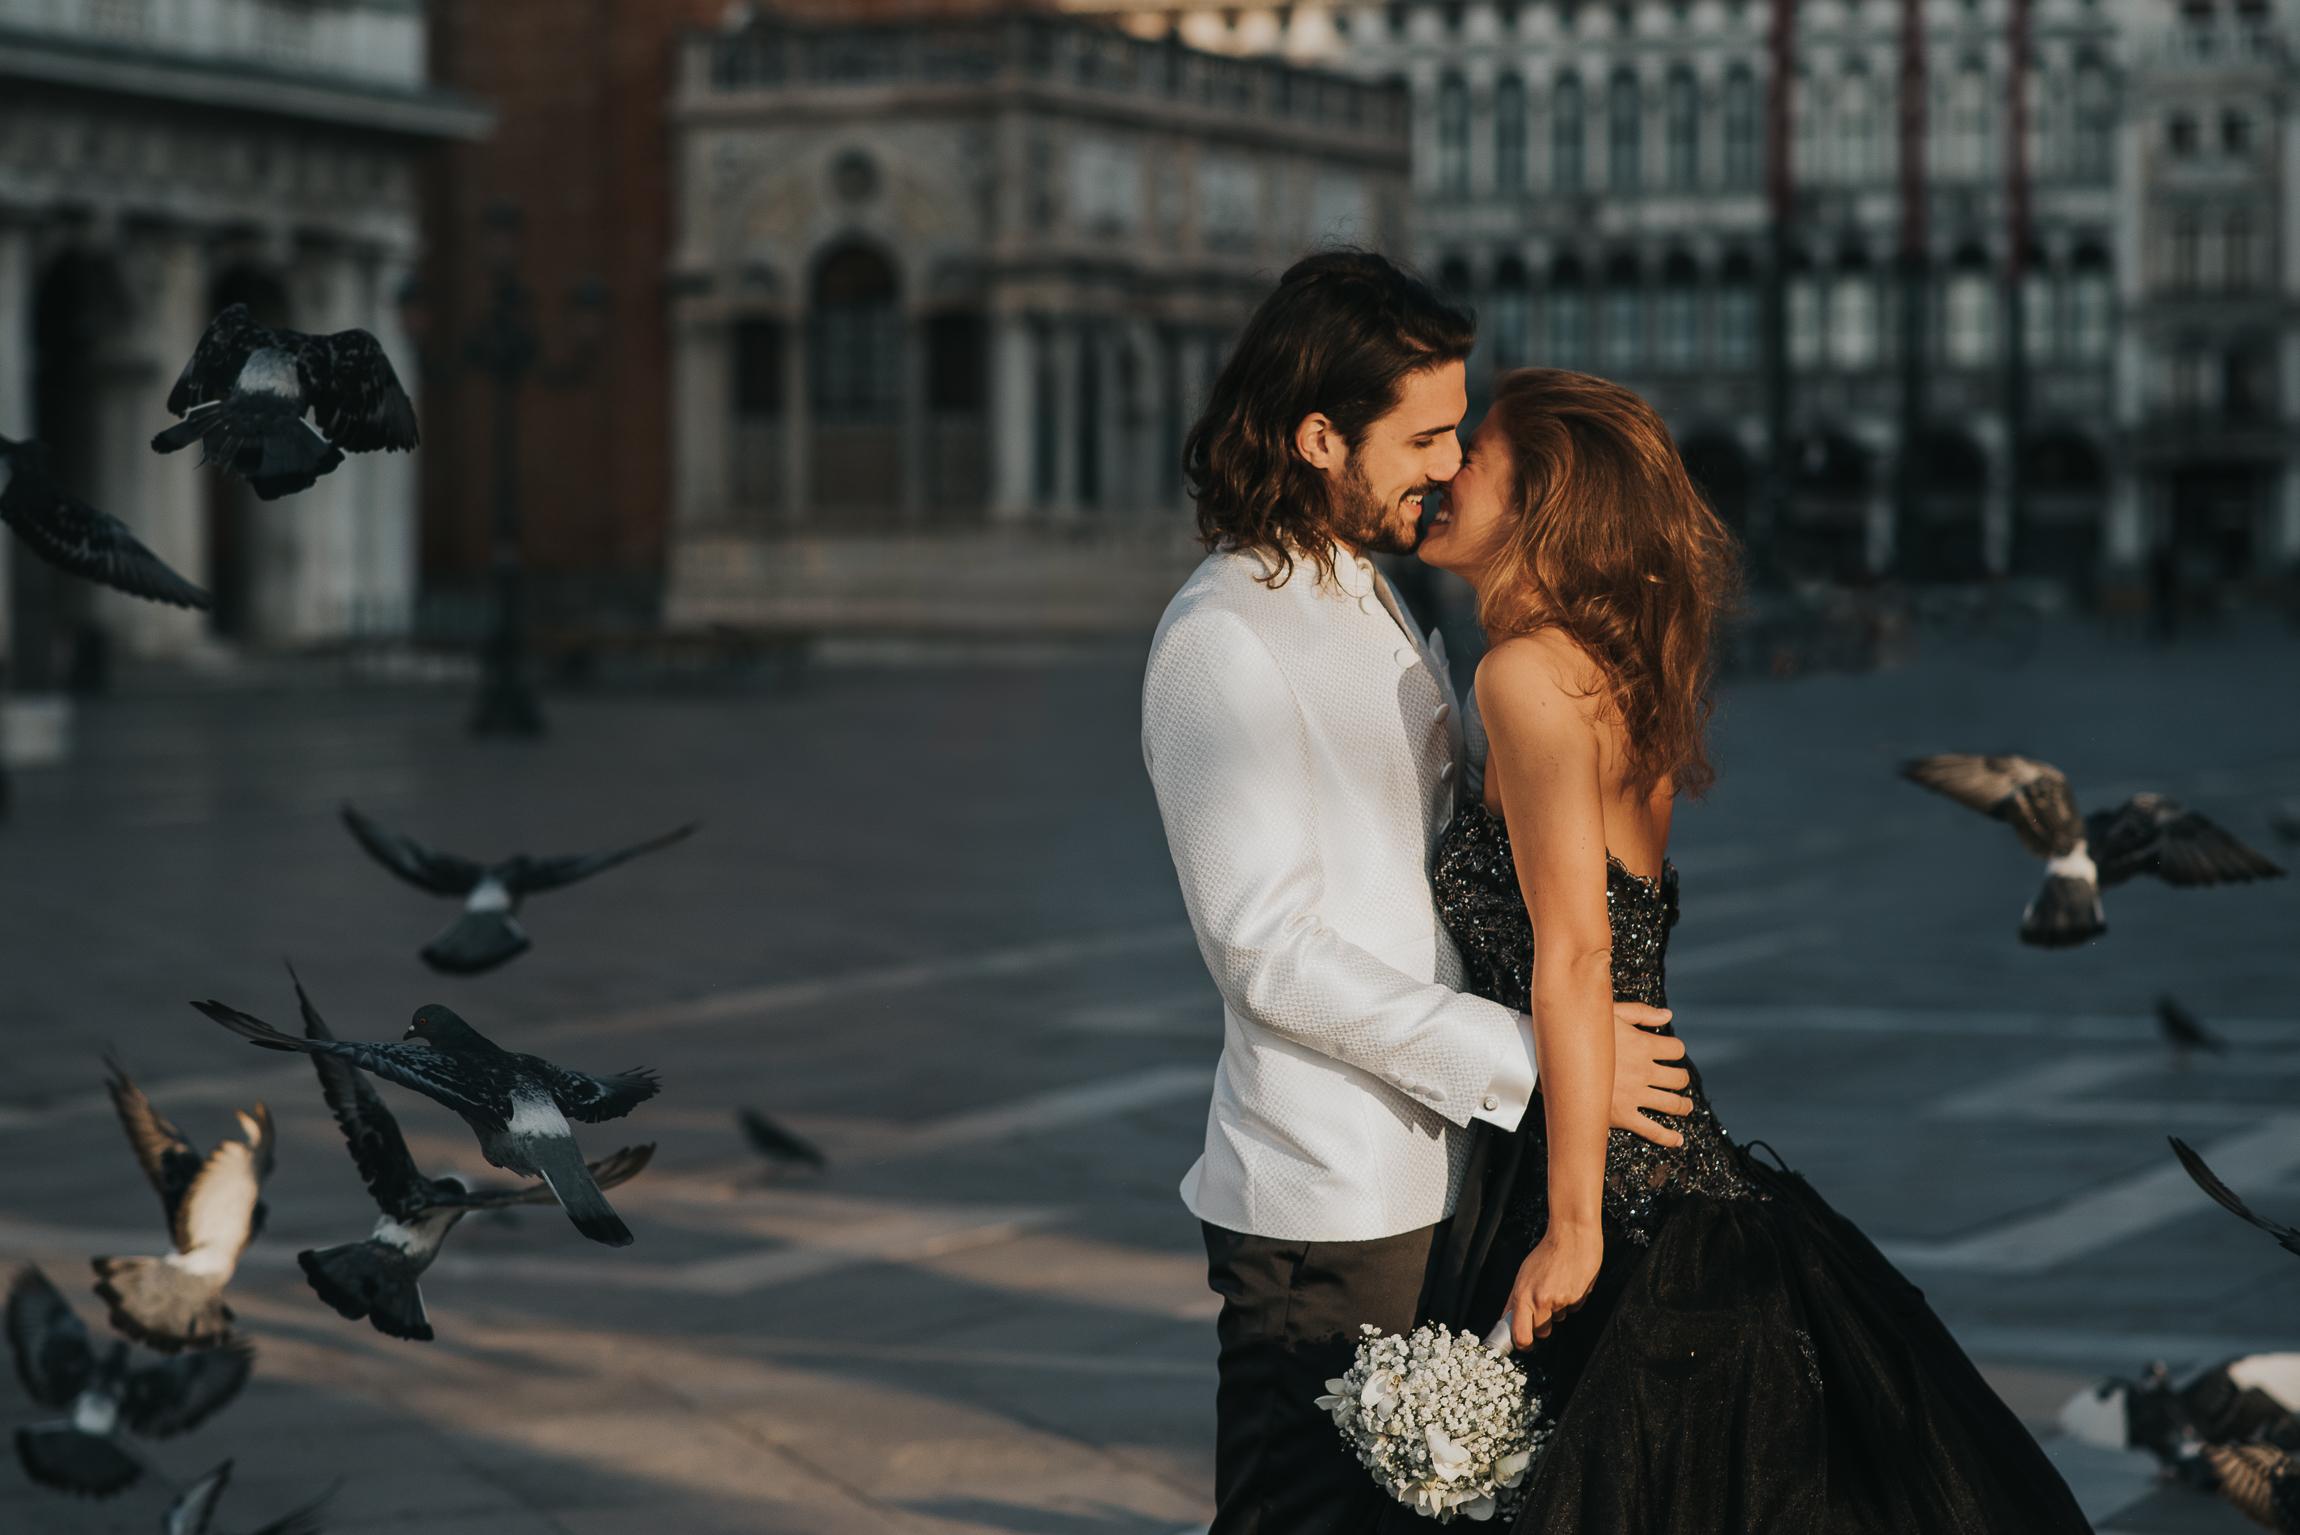 Servizio di coppia a Venezia. Serena & David. Il Blog di Michelino Studio, Fotografo di matrimonio in Veneto. Serena-David-9.jpg